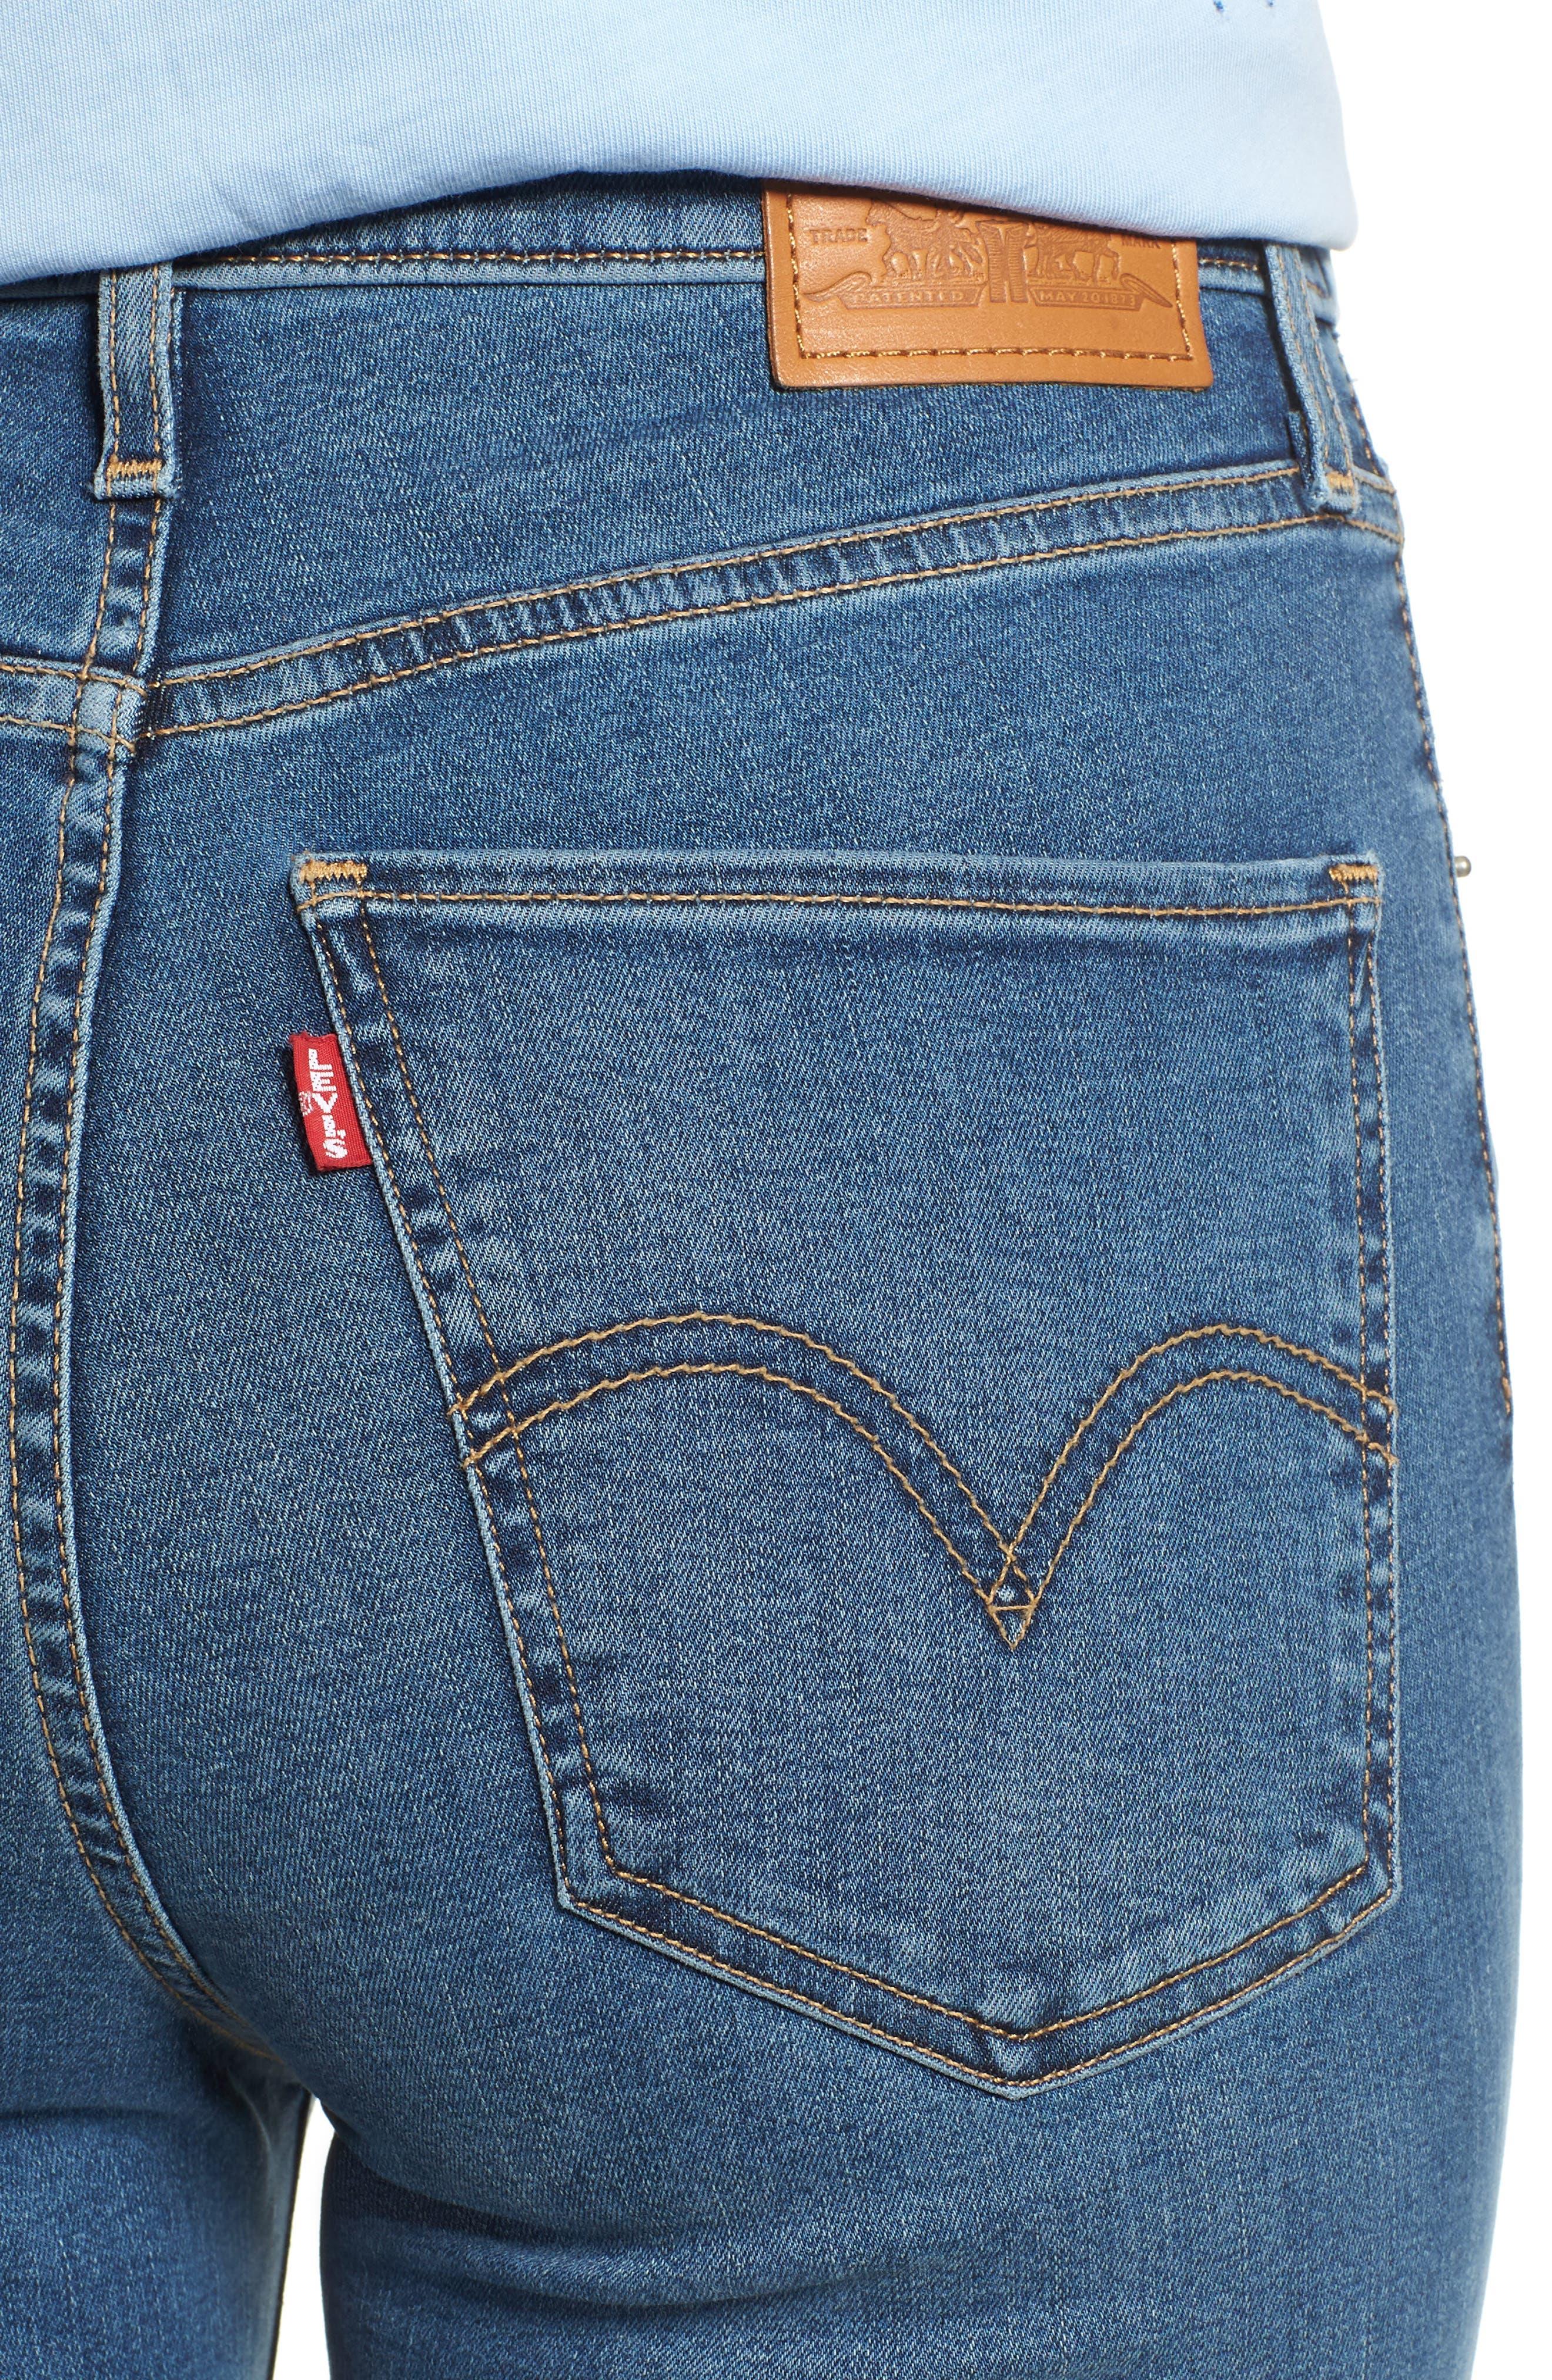 Mile High Super Skinny Jeans,                             Alternate thumbnail 4, color,                             MED BLUE 1